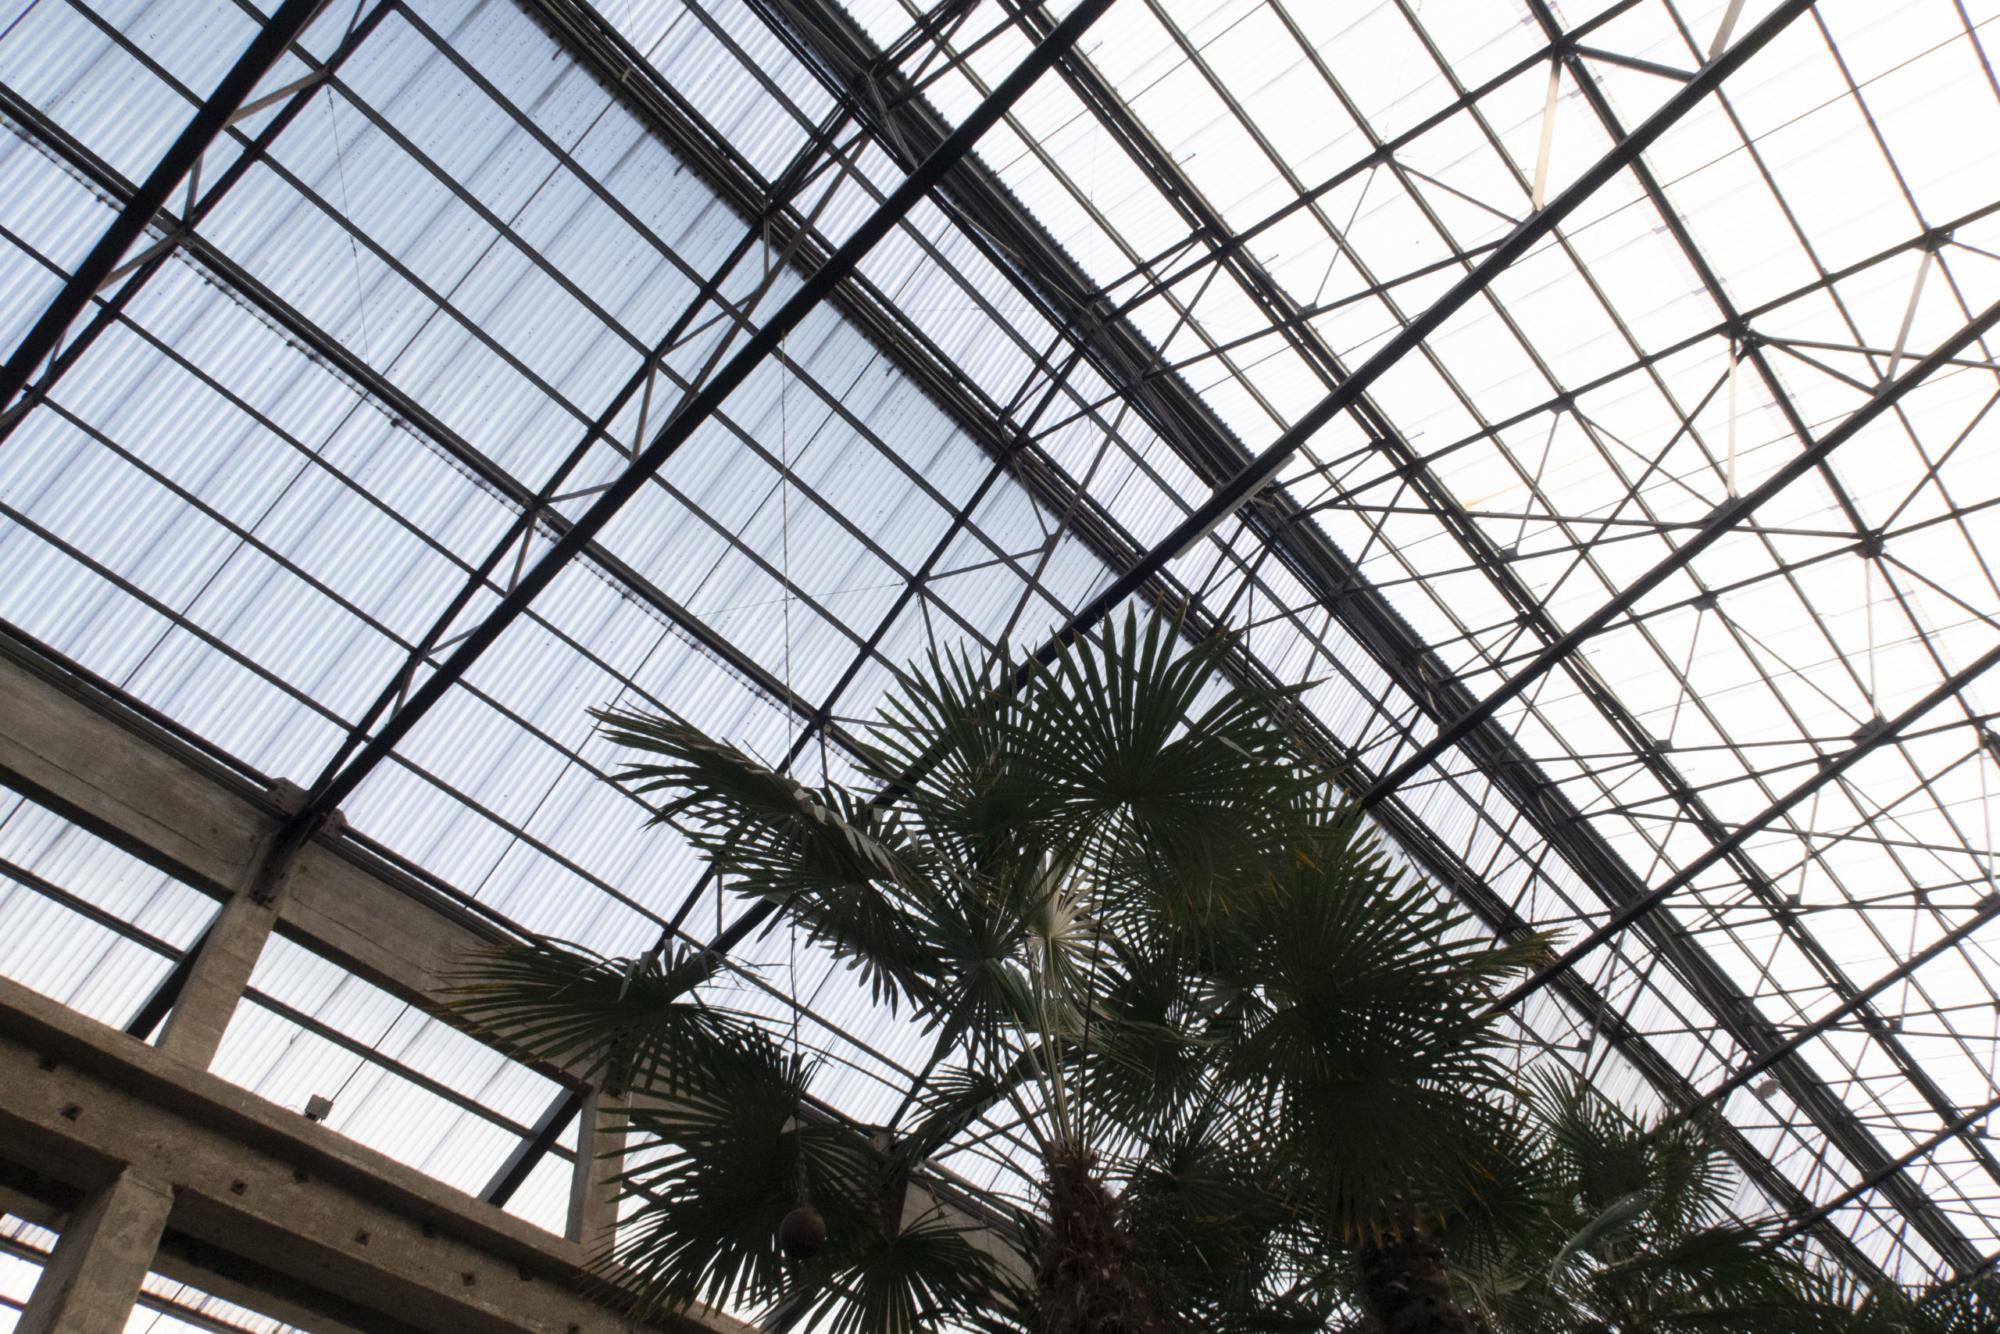 Palmiers dans le hangar des Machines de l'Île